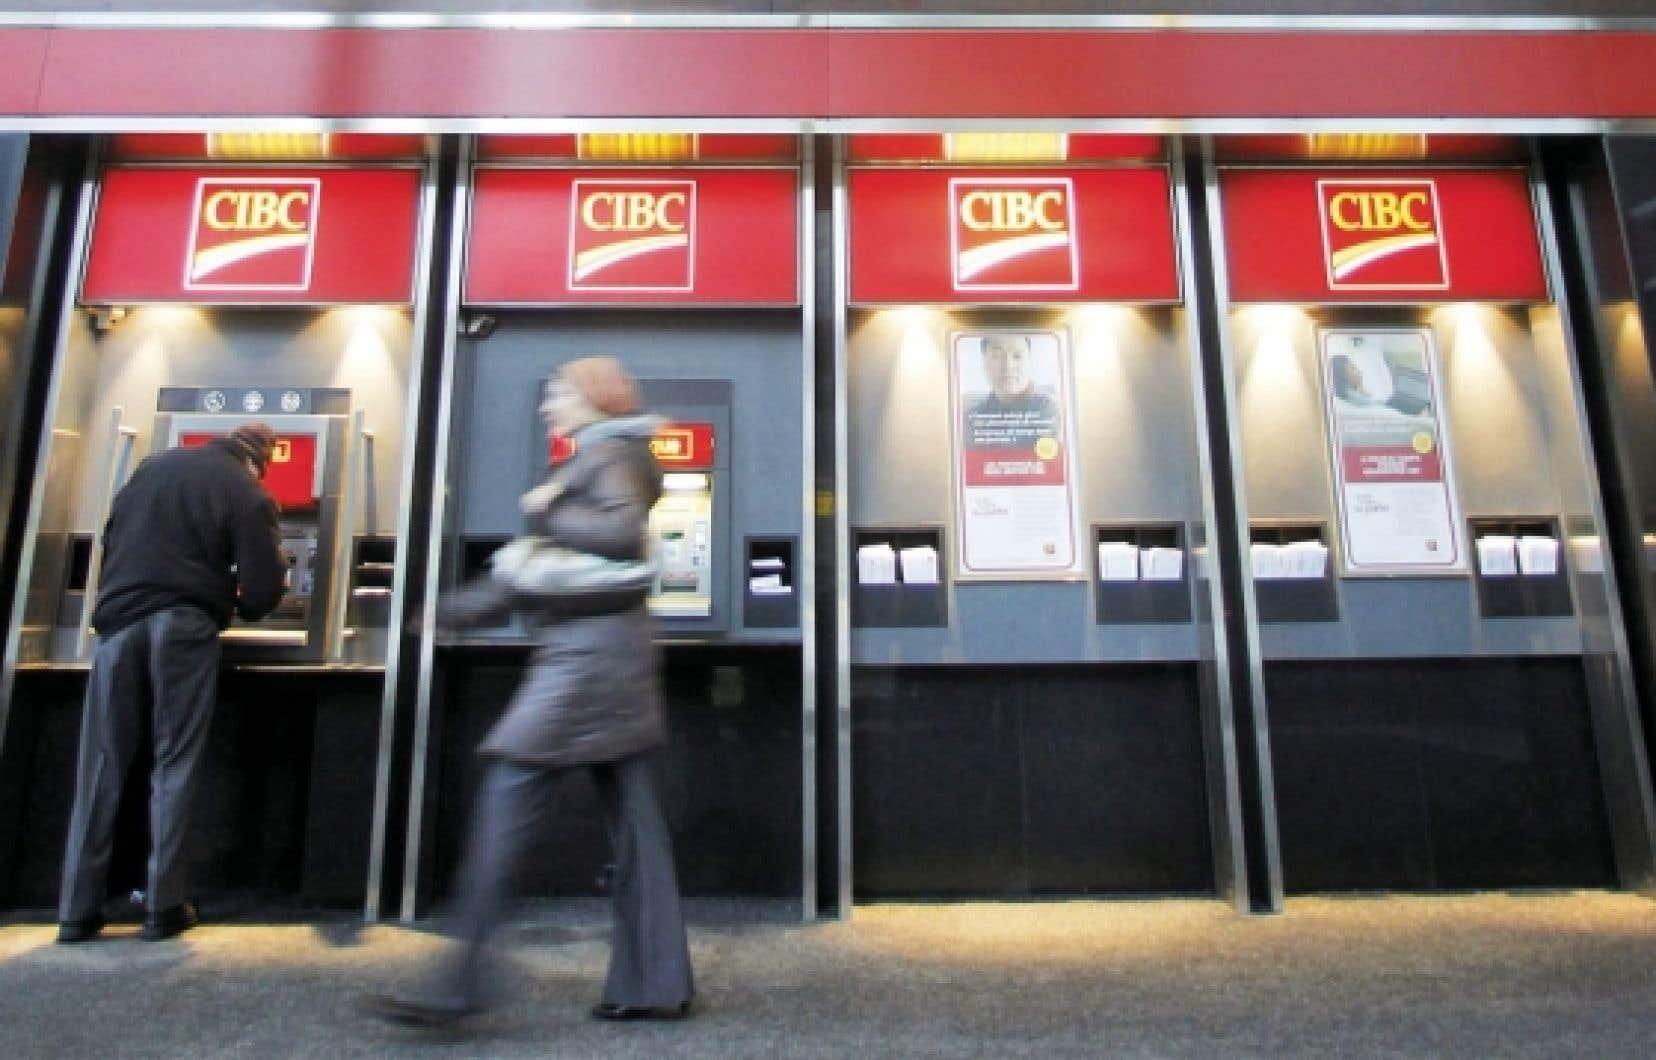 En ce moment, les banques doivent respecter la réglementation québécoise. Mais elles pourraient bien ne plus y être assujetties si Ottawa va de l'avant avec les modifications qu'il entend apporter à la Loi sur les banques.